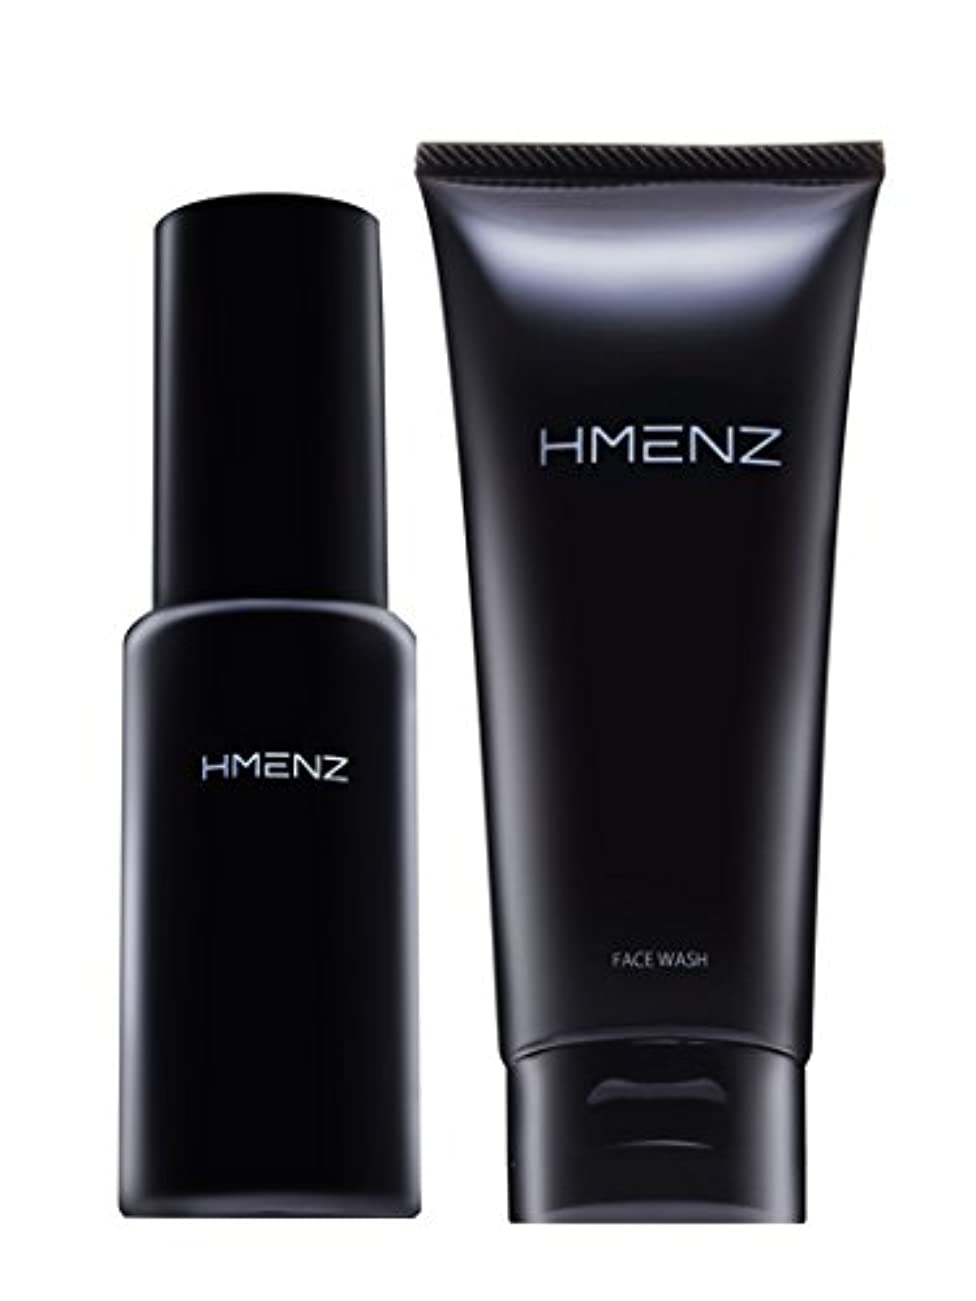 馬力呼吸するもの医薬部外品【 スキンケア セット 】HMENZ メンズ 洗顔 & 美容液 乾燥肌 対策 保湿 (無添加 シミ対策 ニキビ対策 エイジングケア) 洗顔 オールインワン ジェル 100g&50ml